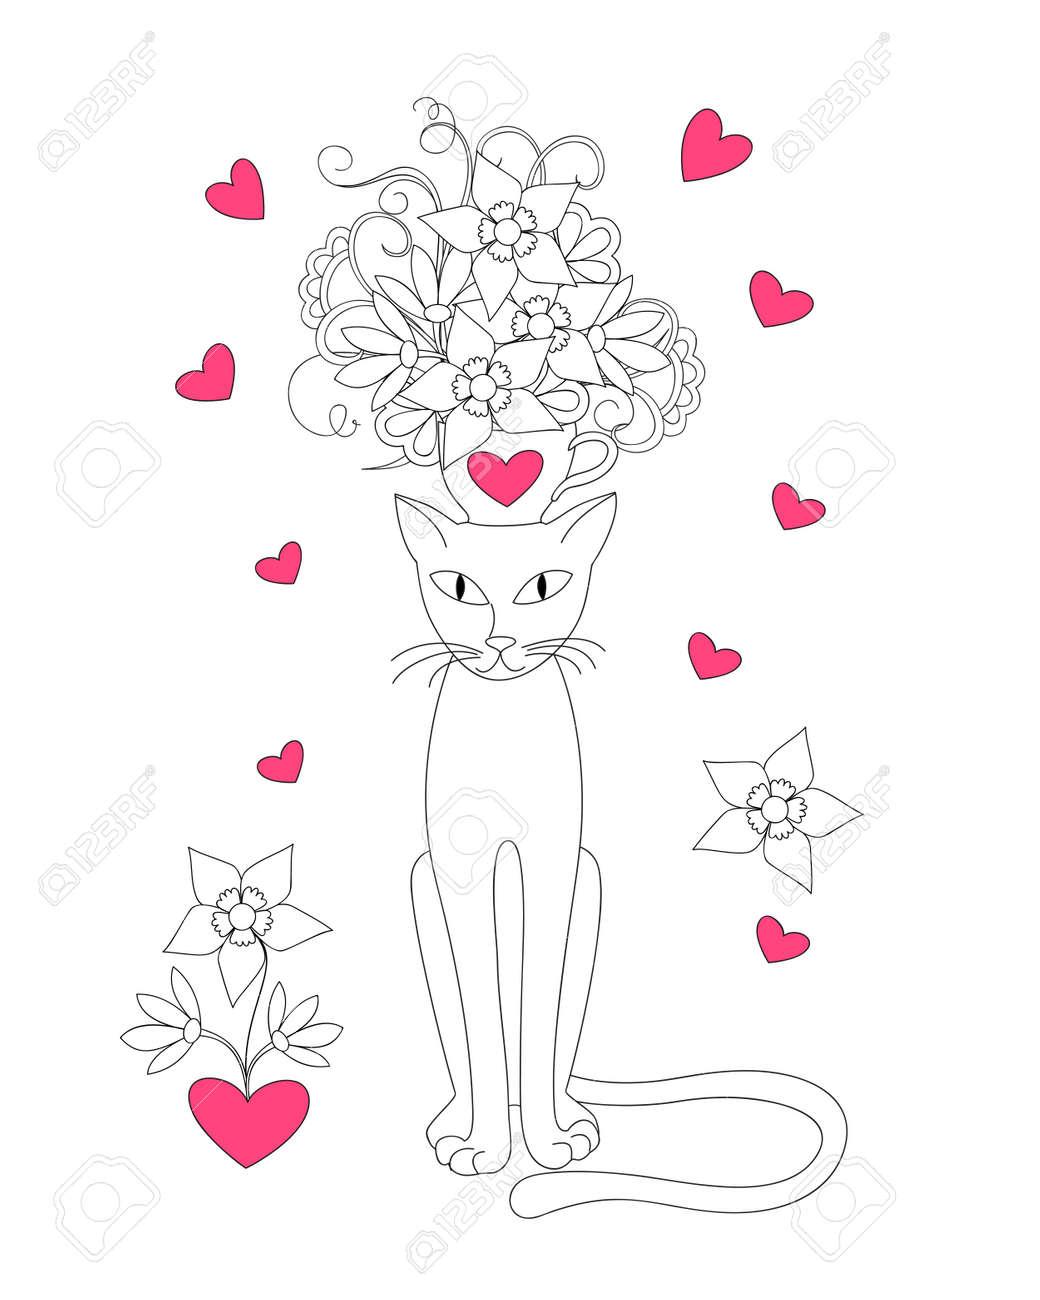 Gato De La Historieta Con La Taza Flores Y Corazones Para La